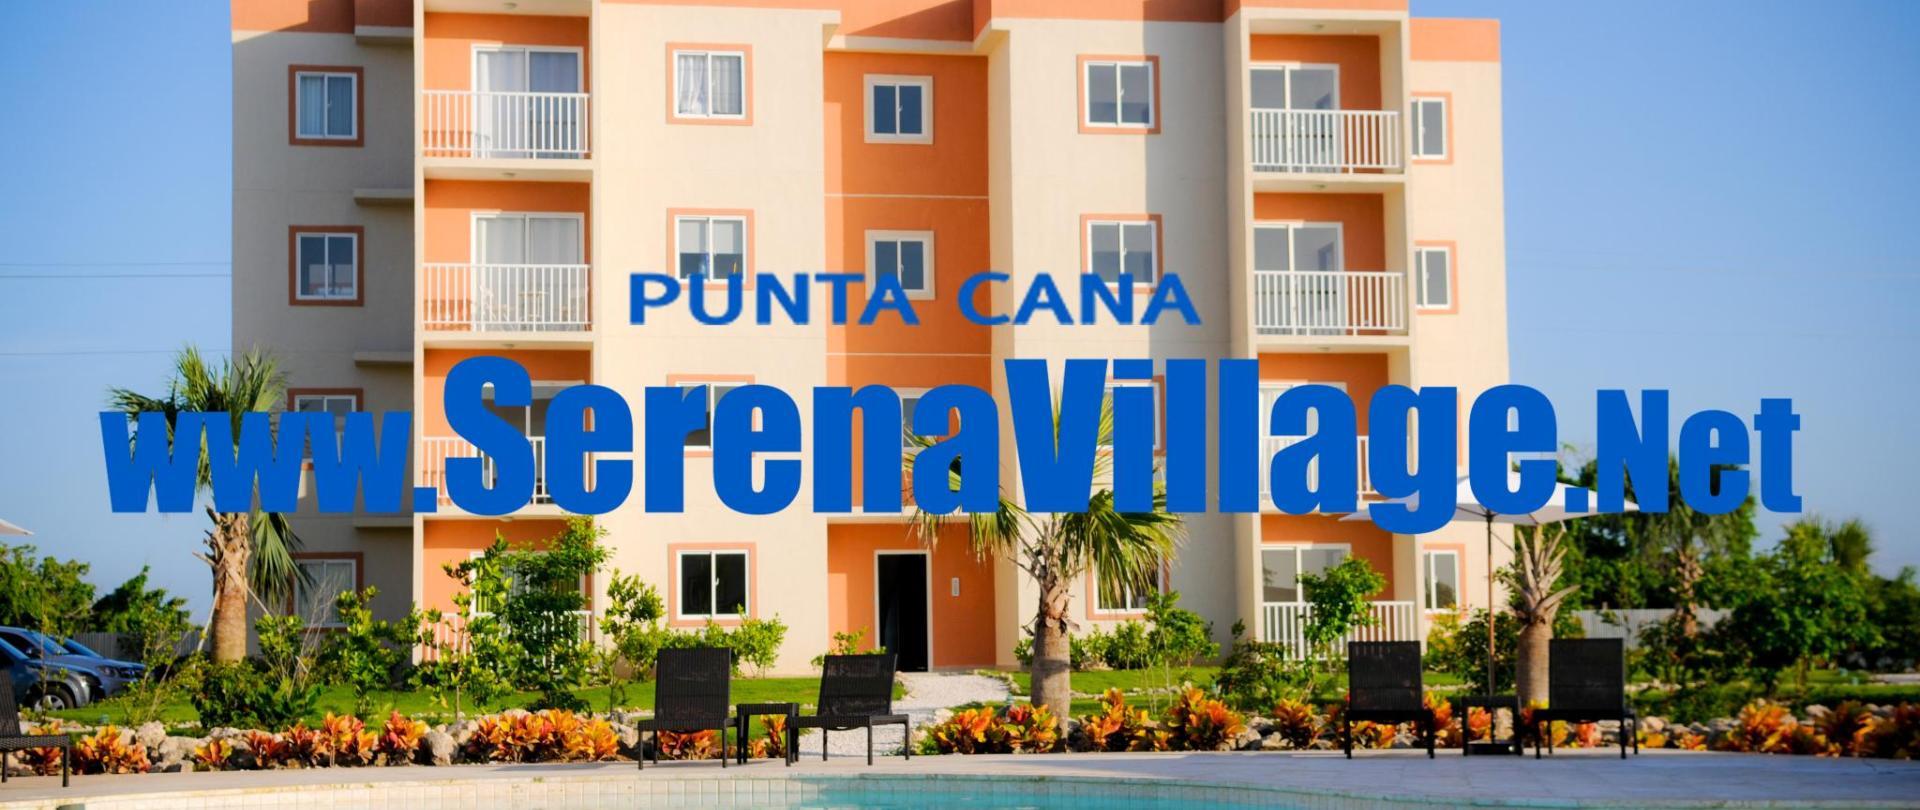 SerenaVillagePunta Cana - www.SerenaVillage.Net.jpg